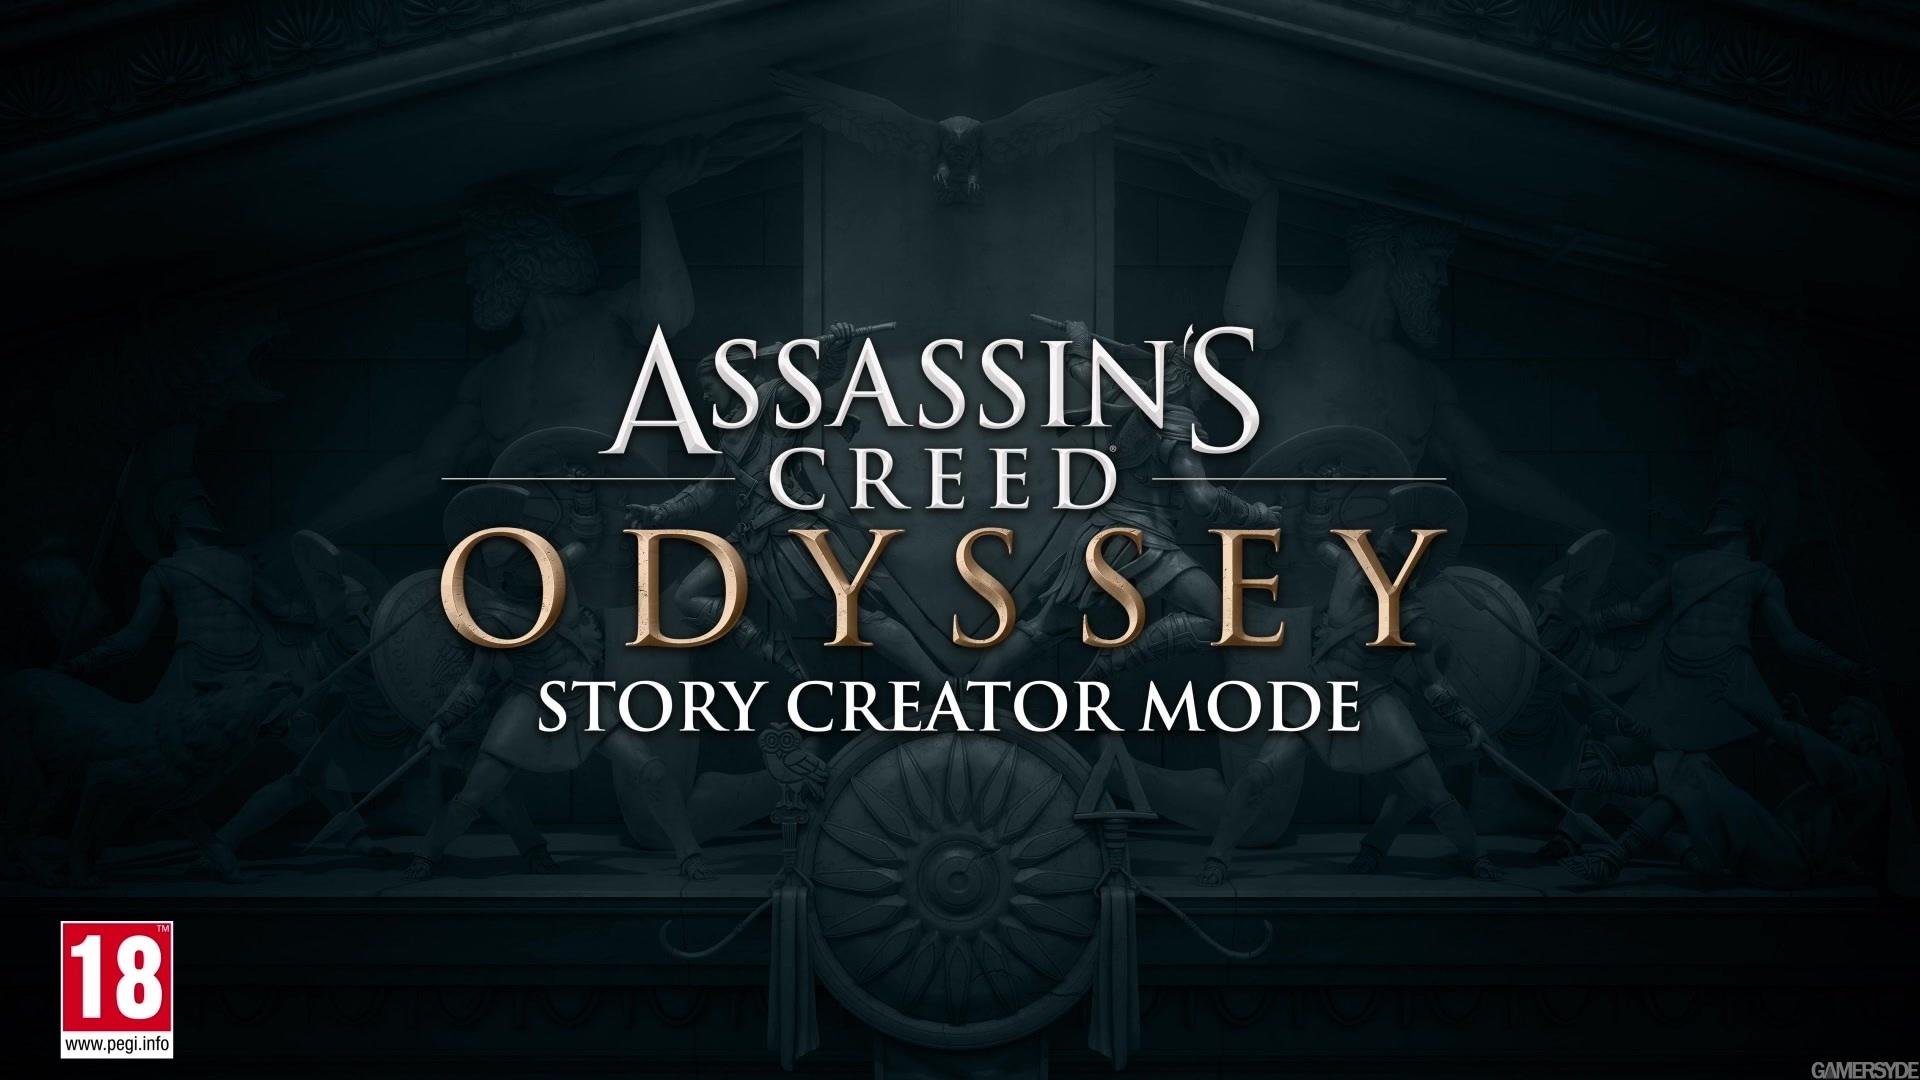 assassins creed odyssey story so far - HD1920×1080